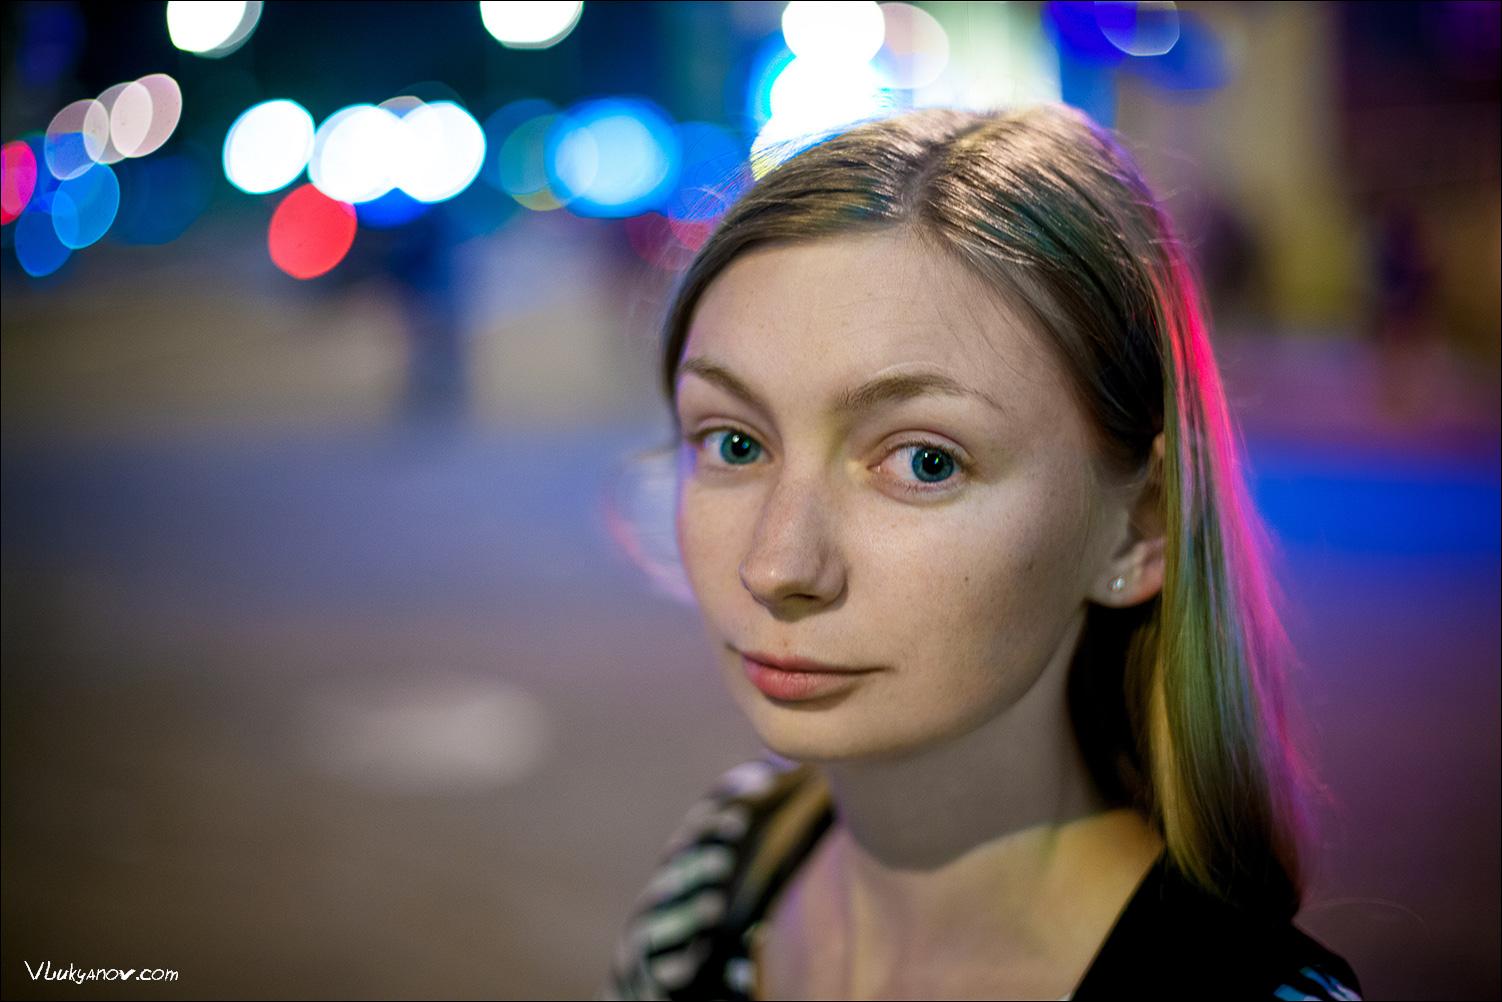 Фотограф, Москва, Владимир Лукьянов, Портрет